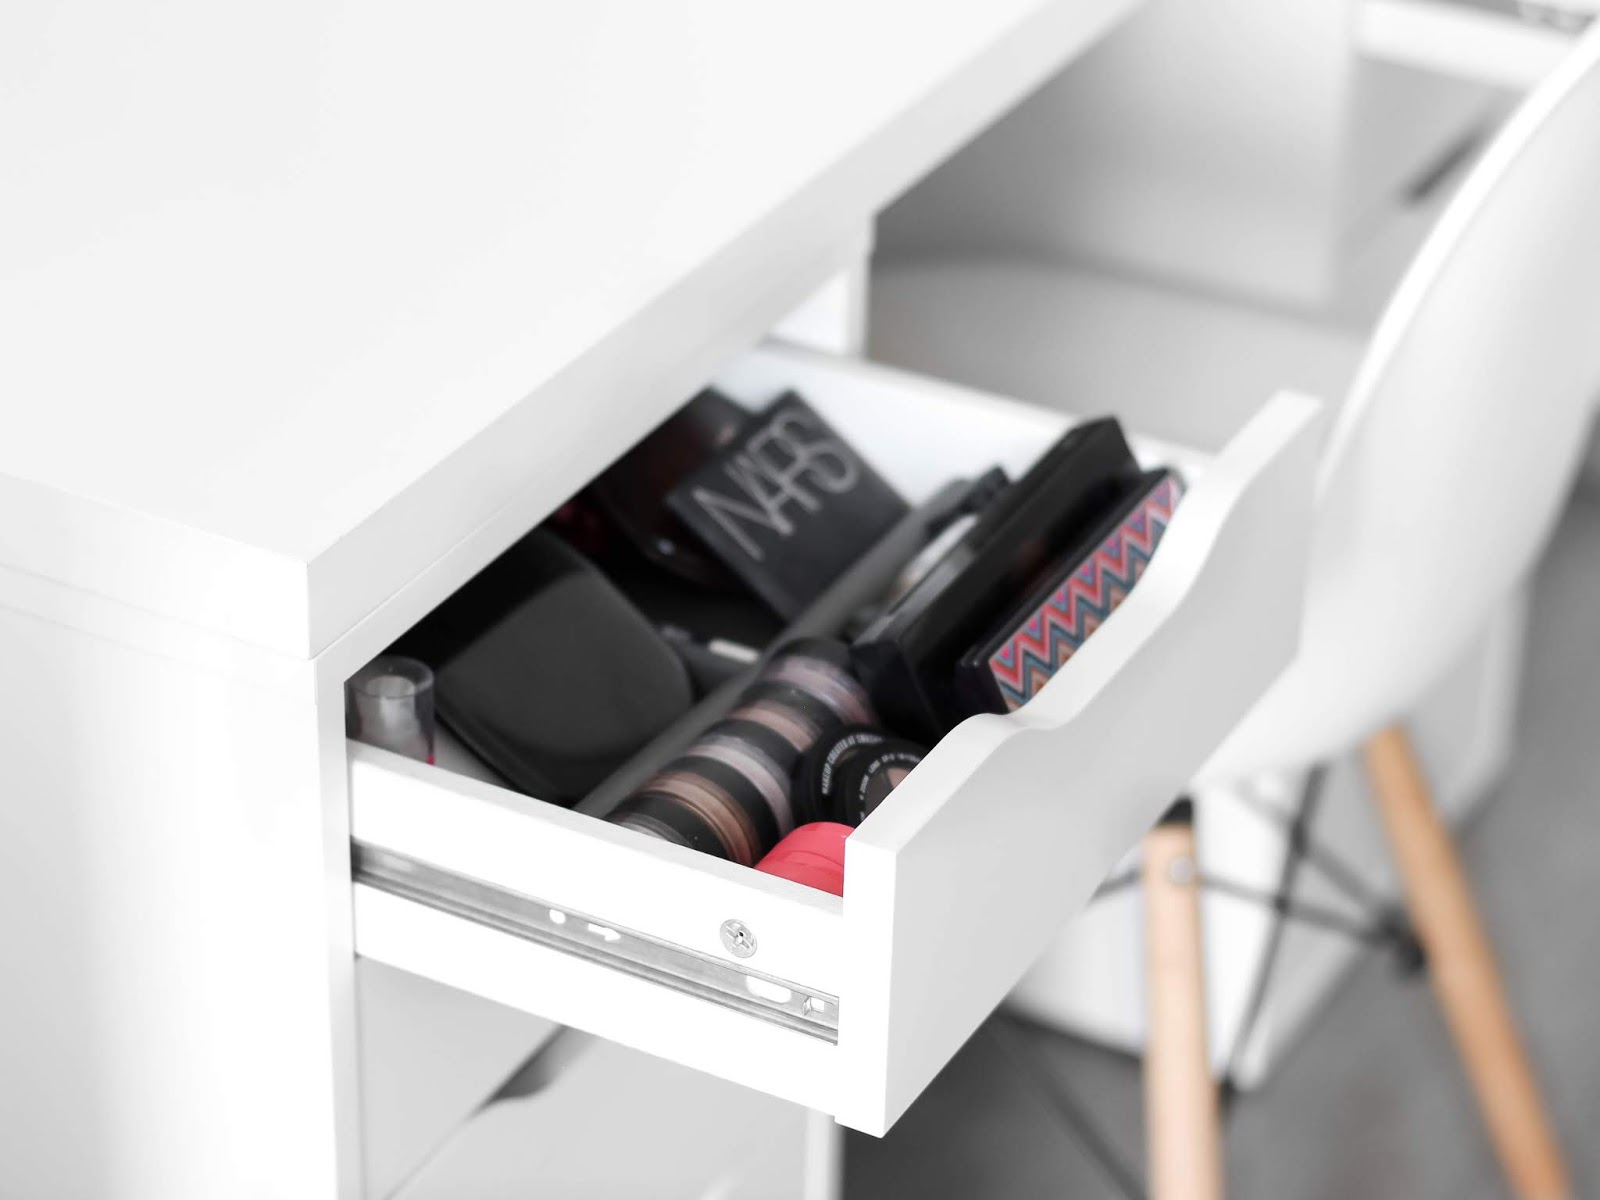 skladování kosmetiky a spotřebovaná kosmetika